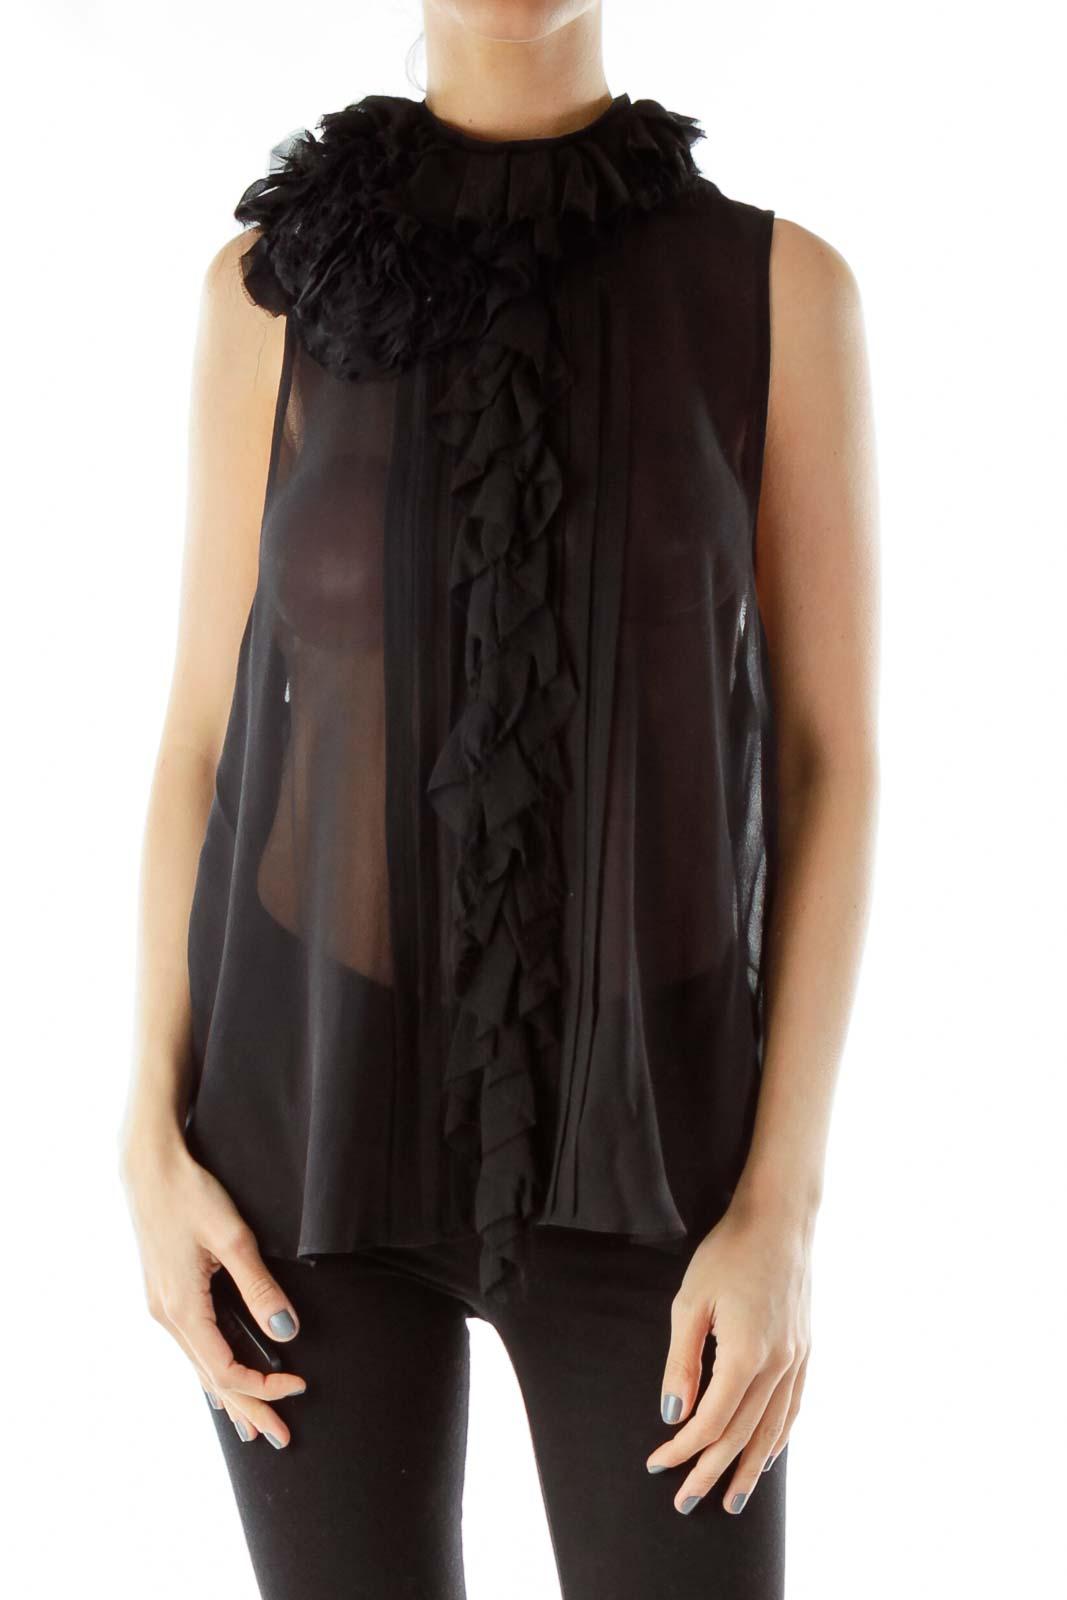 Black Sheer Sleeveless Blouse Front